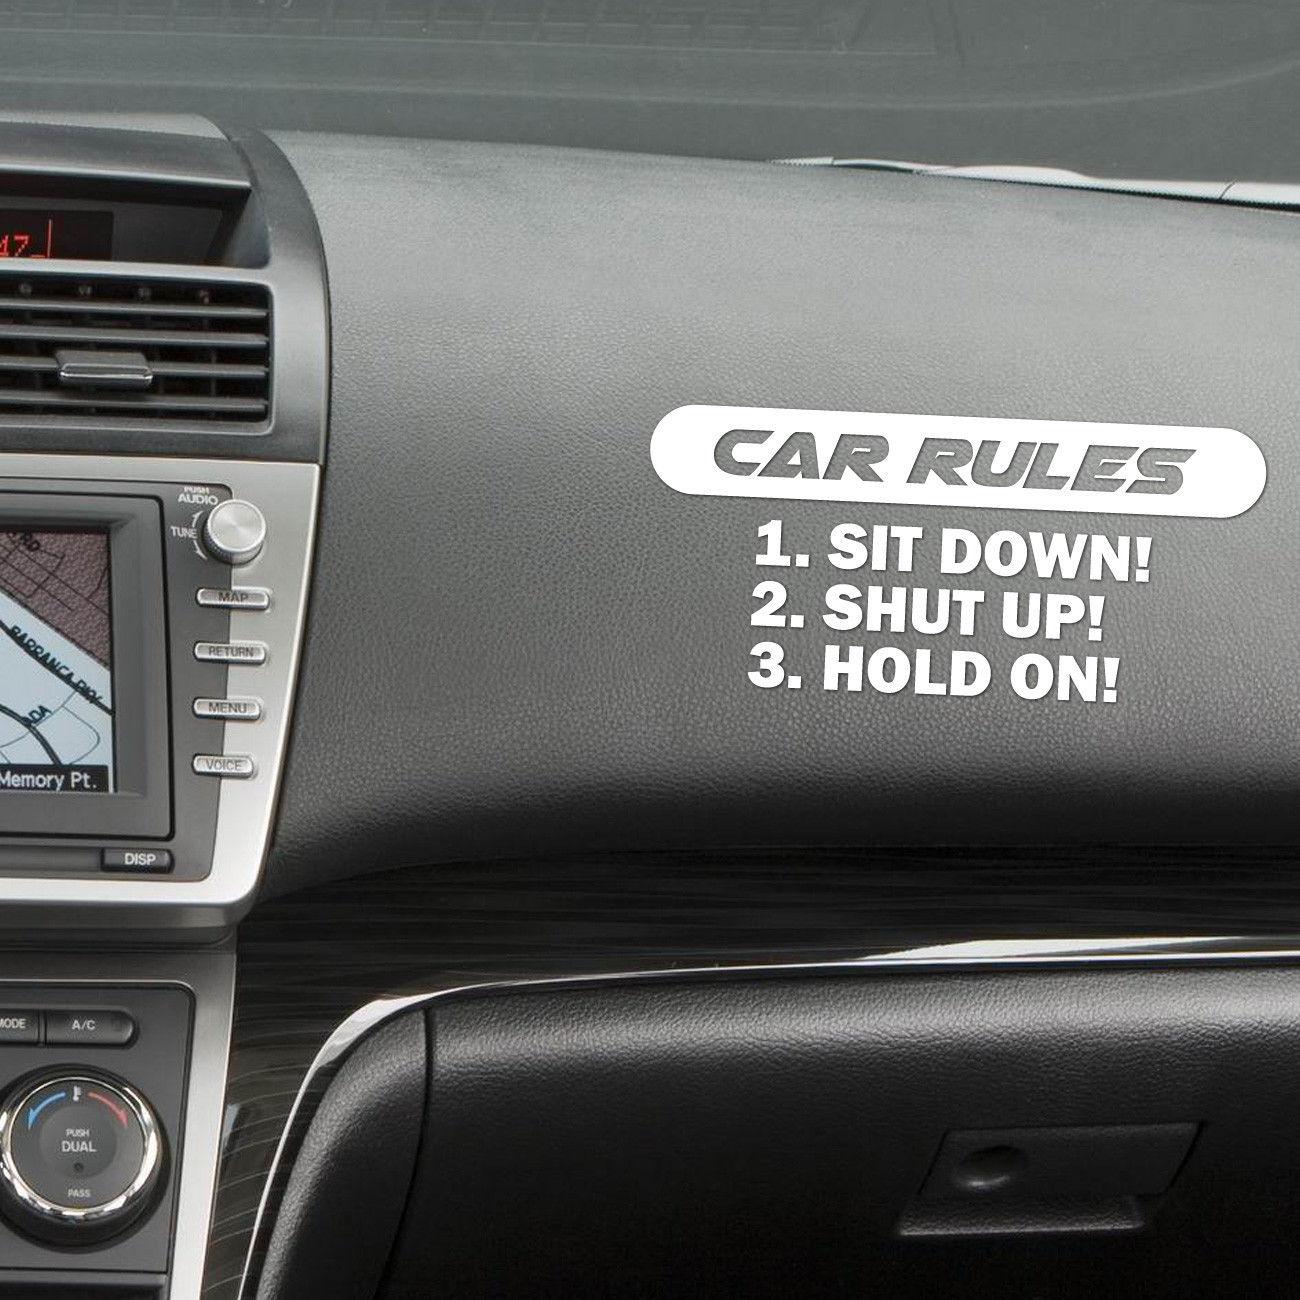 Автомобильный правила наклейка с силой автомобиль грузовик виниловая